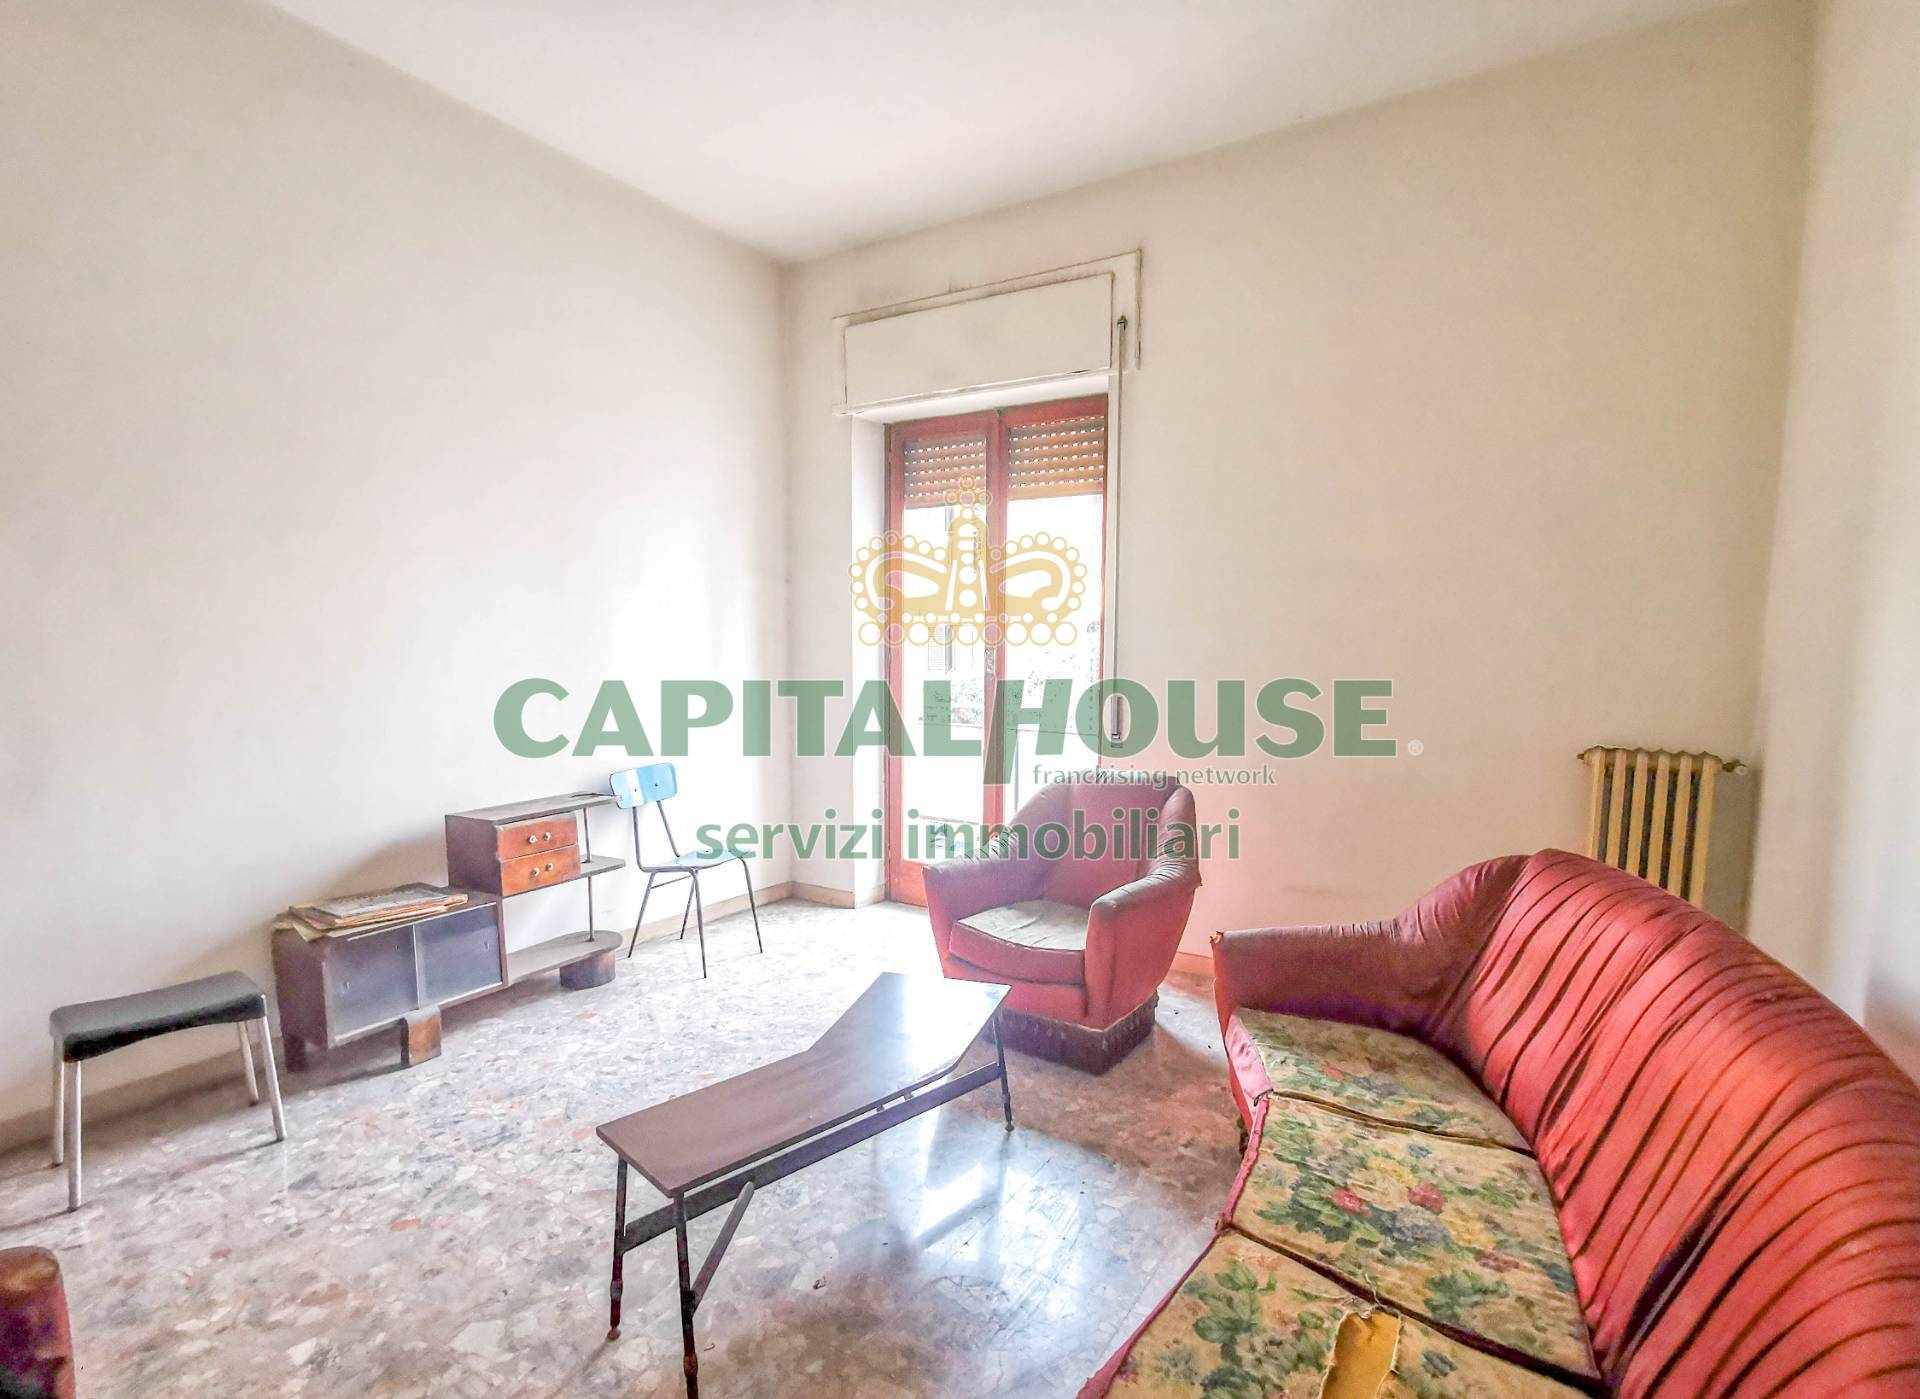 Appartamento in vendita a Santa Maria Capua Vetere, 4 locali, zona Località: Zonanuova, prezzo € 125.000 | PortaleAgenzieImmobiliari.it